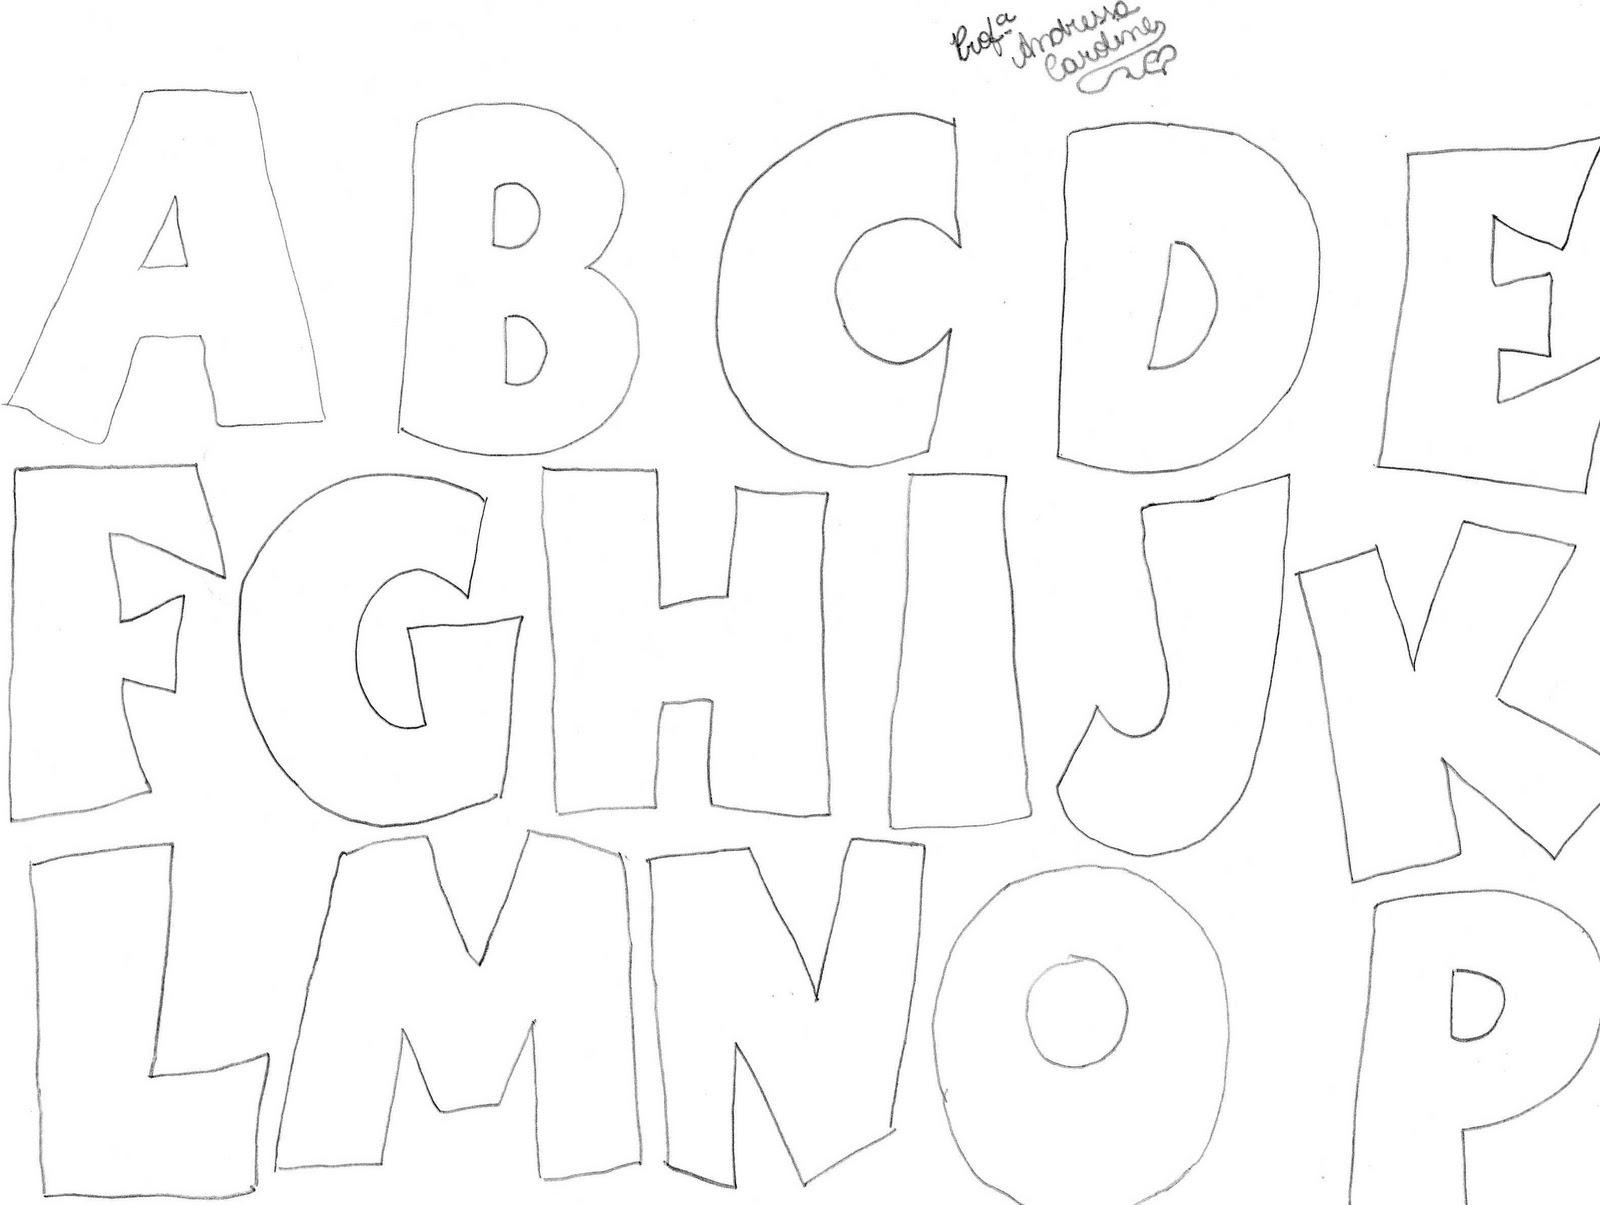 PEDAGOGIA NOTA 10: Molde de letras